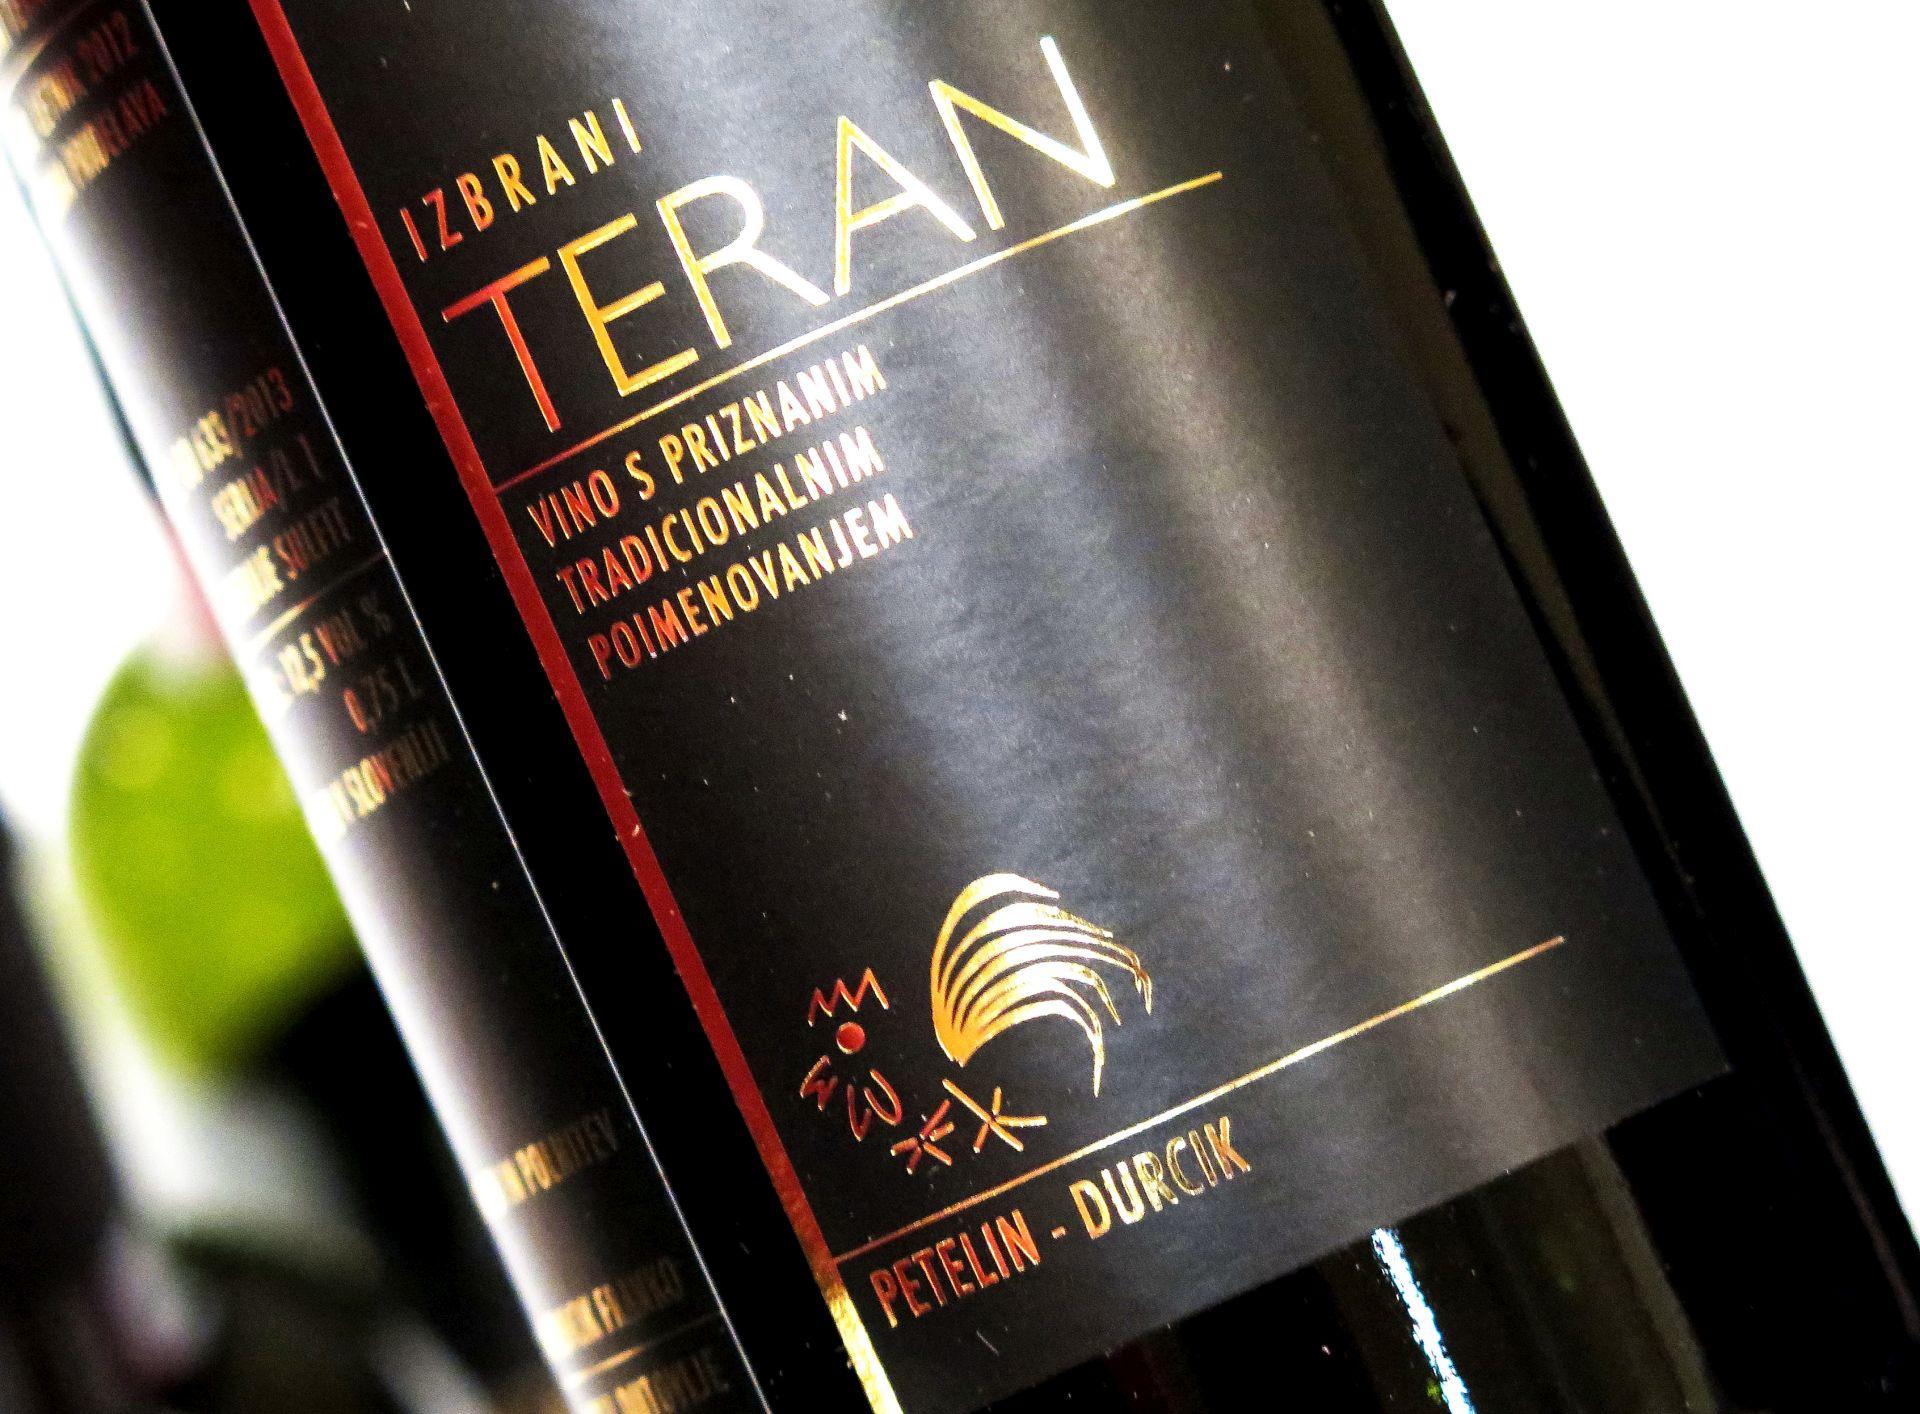 Službeno objavljen akt o korištenju naziva Teran